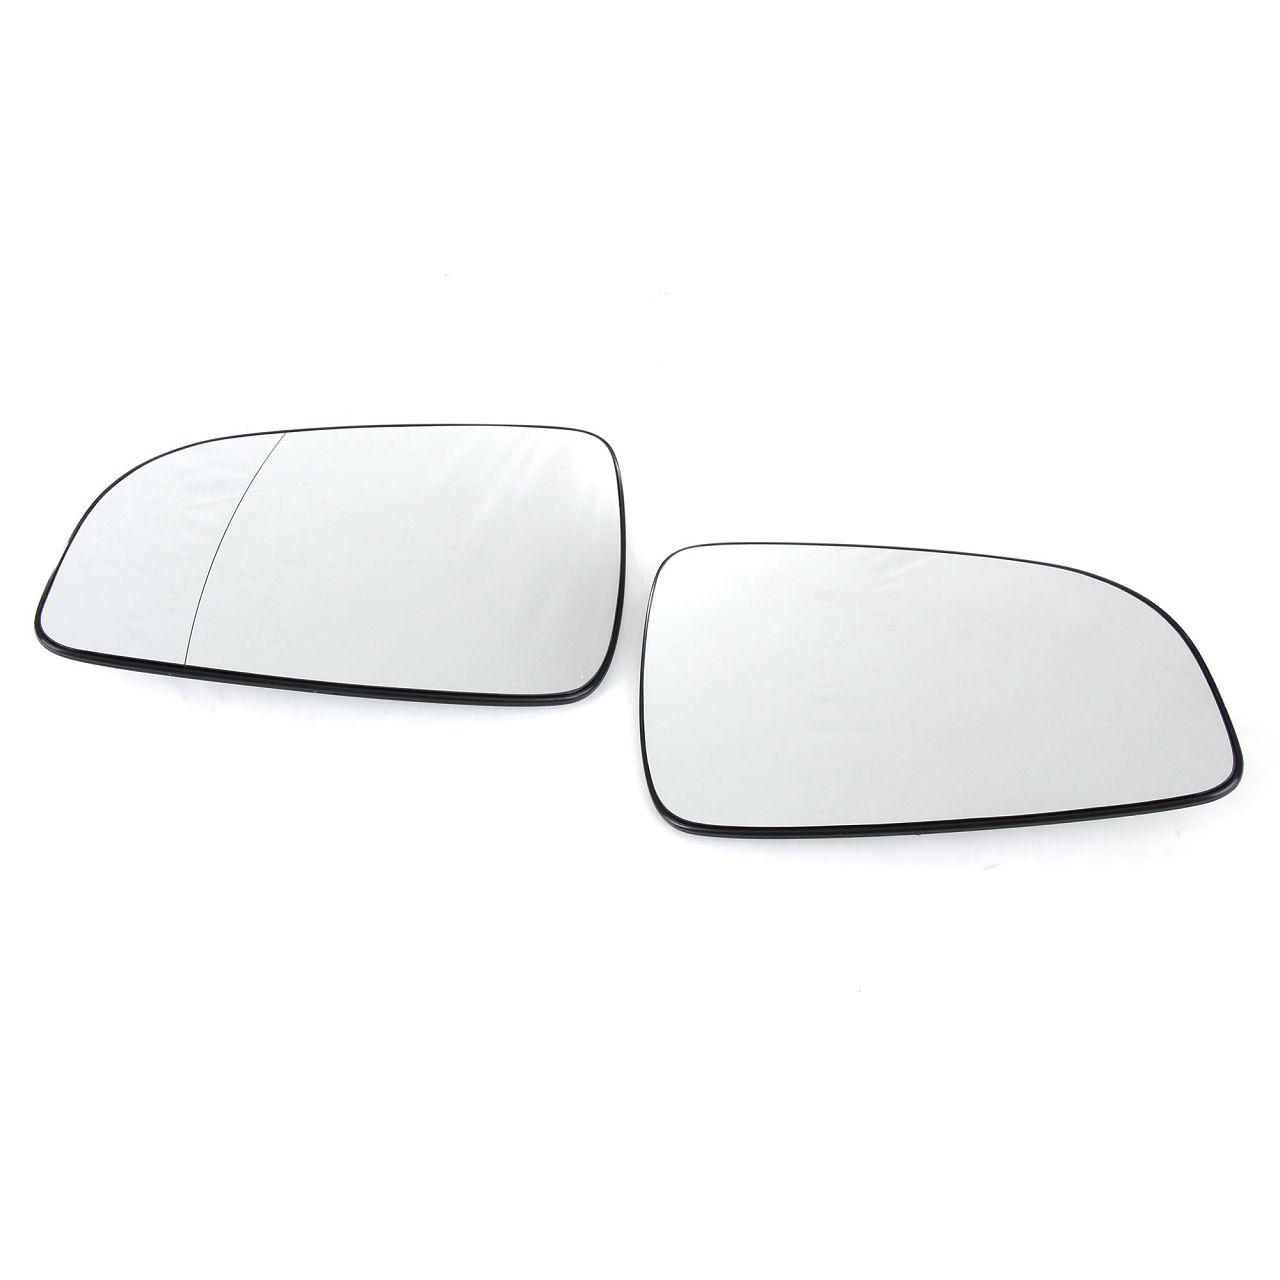 2x JOHNS Außenspiegel Spiegelglas ELEKTRISCH für OPEL Astra H links + rechts